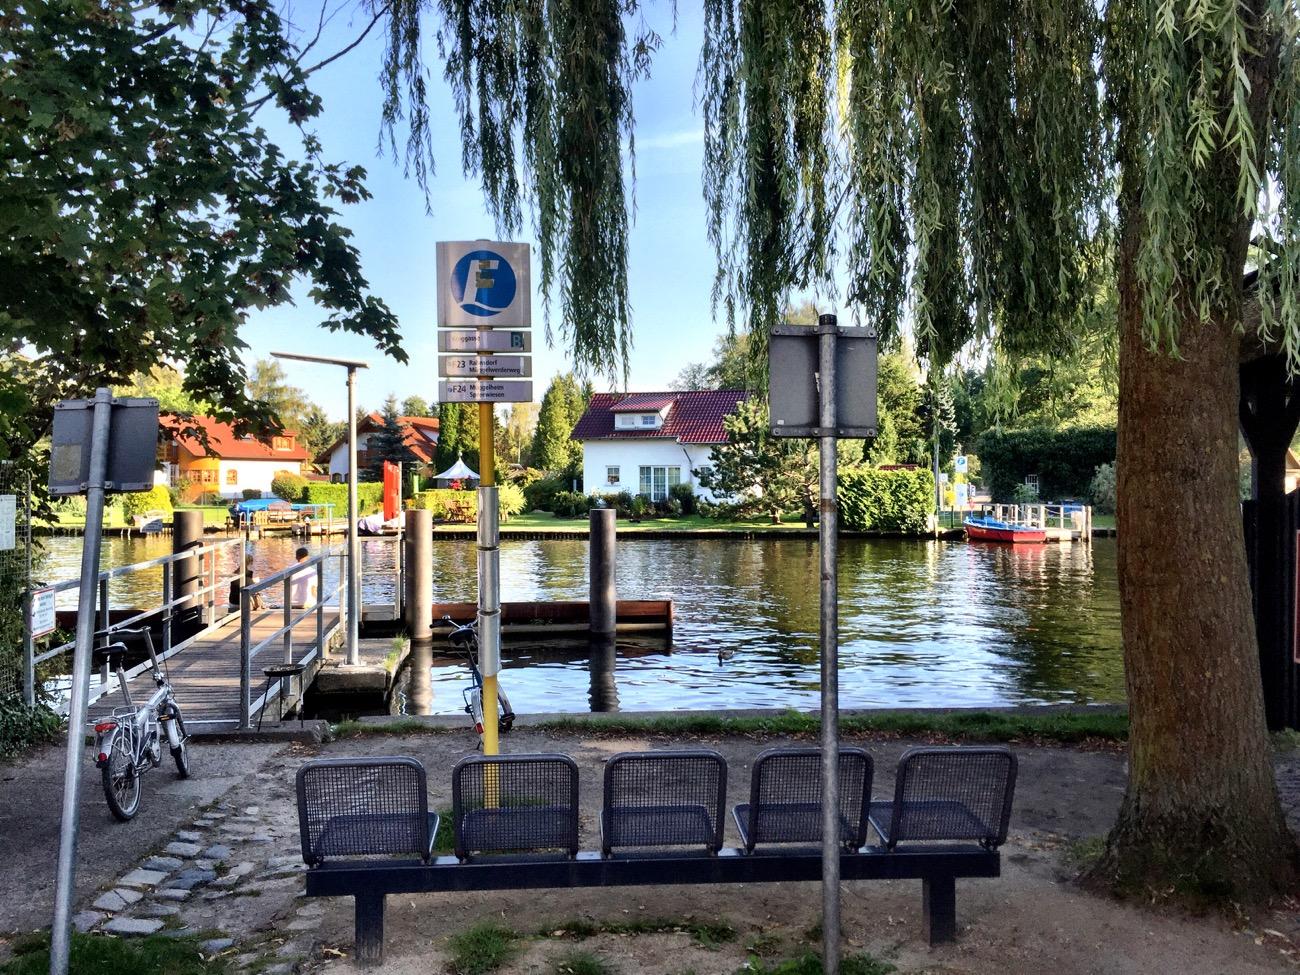 #paracegover A imagem mostra o ponto onde se espera pelo barco, com bancos de ferro em frente a um píer. Você já viu um ponto de transporte público mais charmoso?